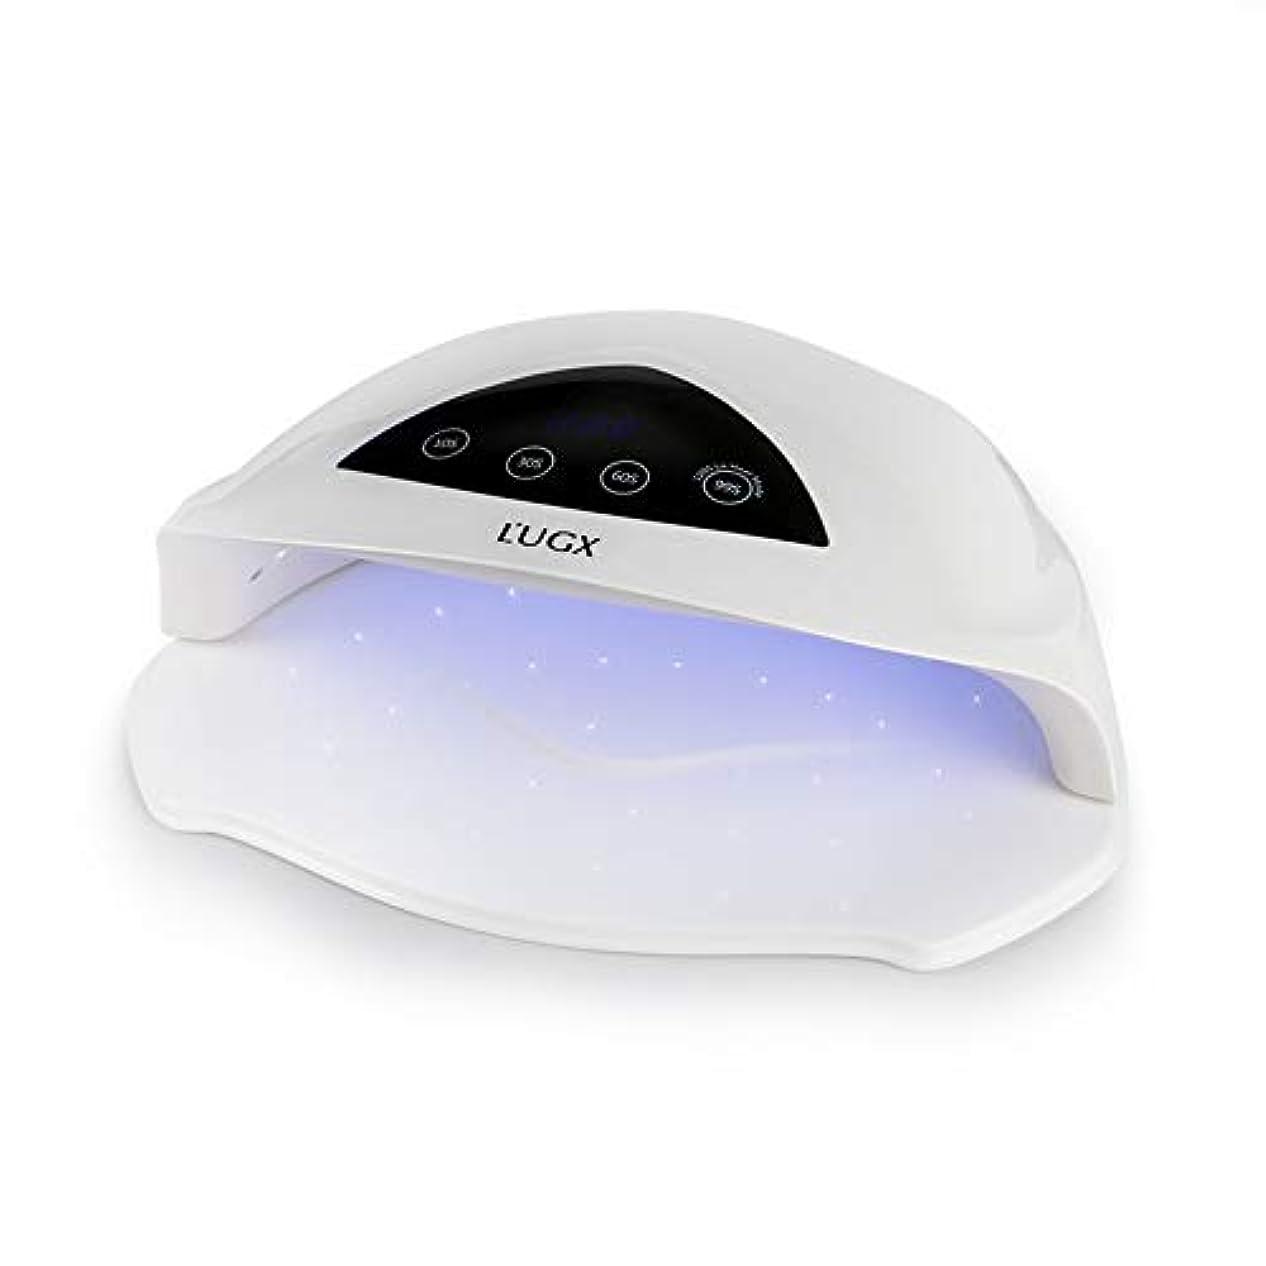 啓示行方不明大声でネイルランプ、72Wハイパワーネイルランプ、UVスマート赤外線センサーネイル光線療法ランプ、36ランプビーズ - ホワイト